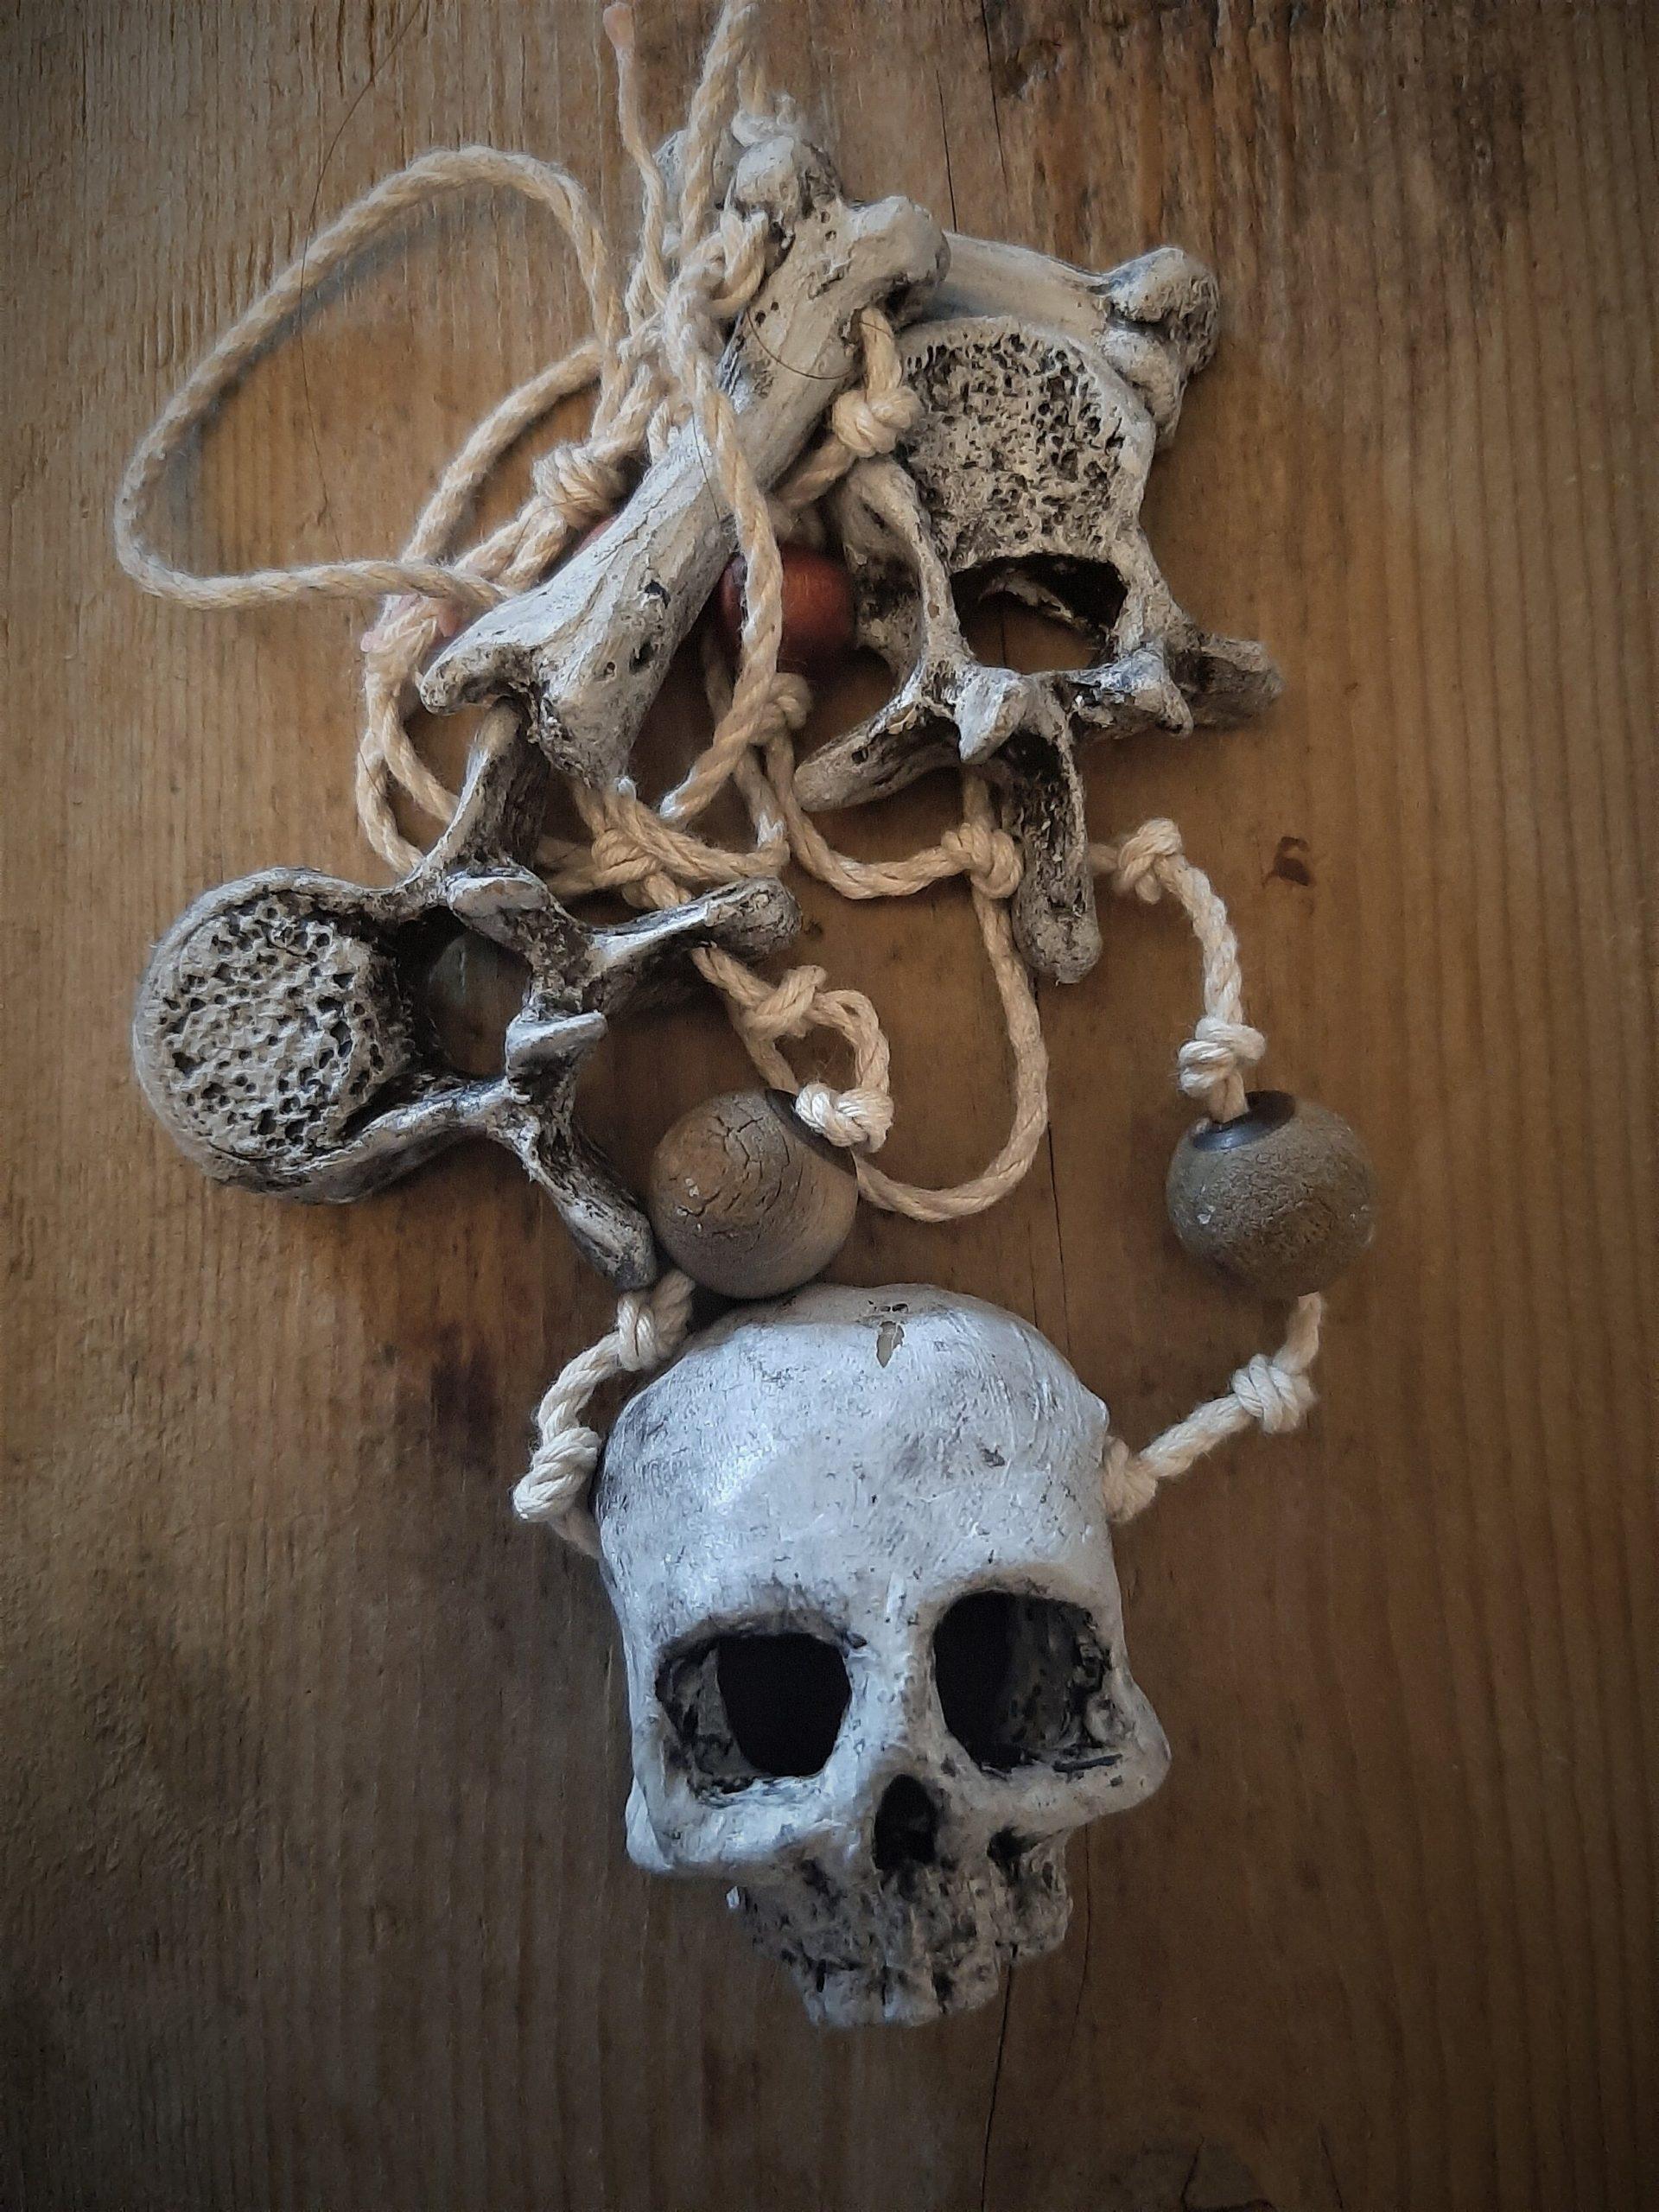 Sculpted Skulls